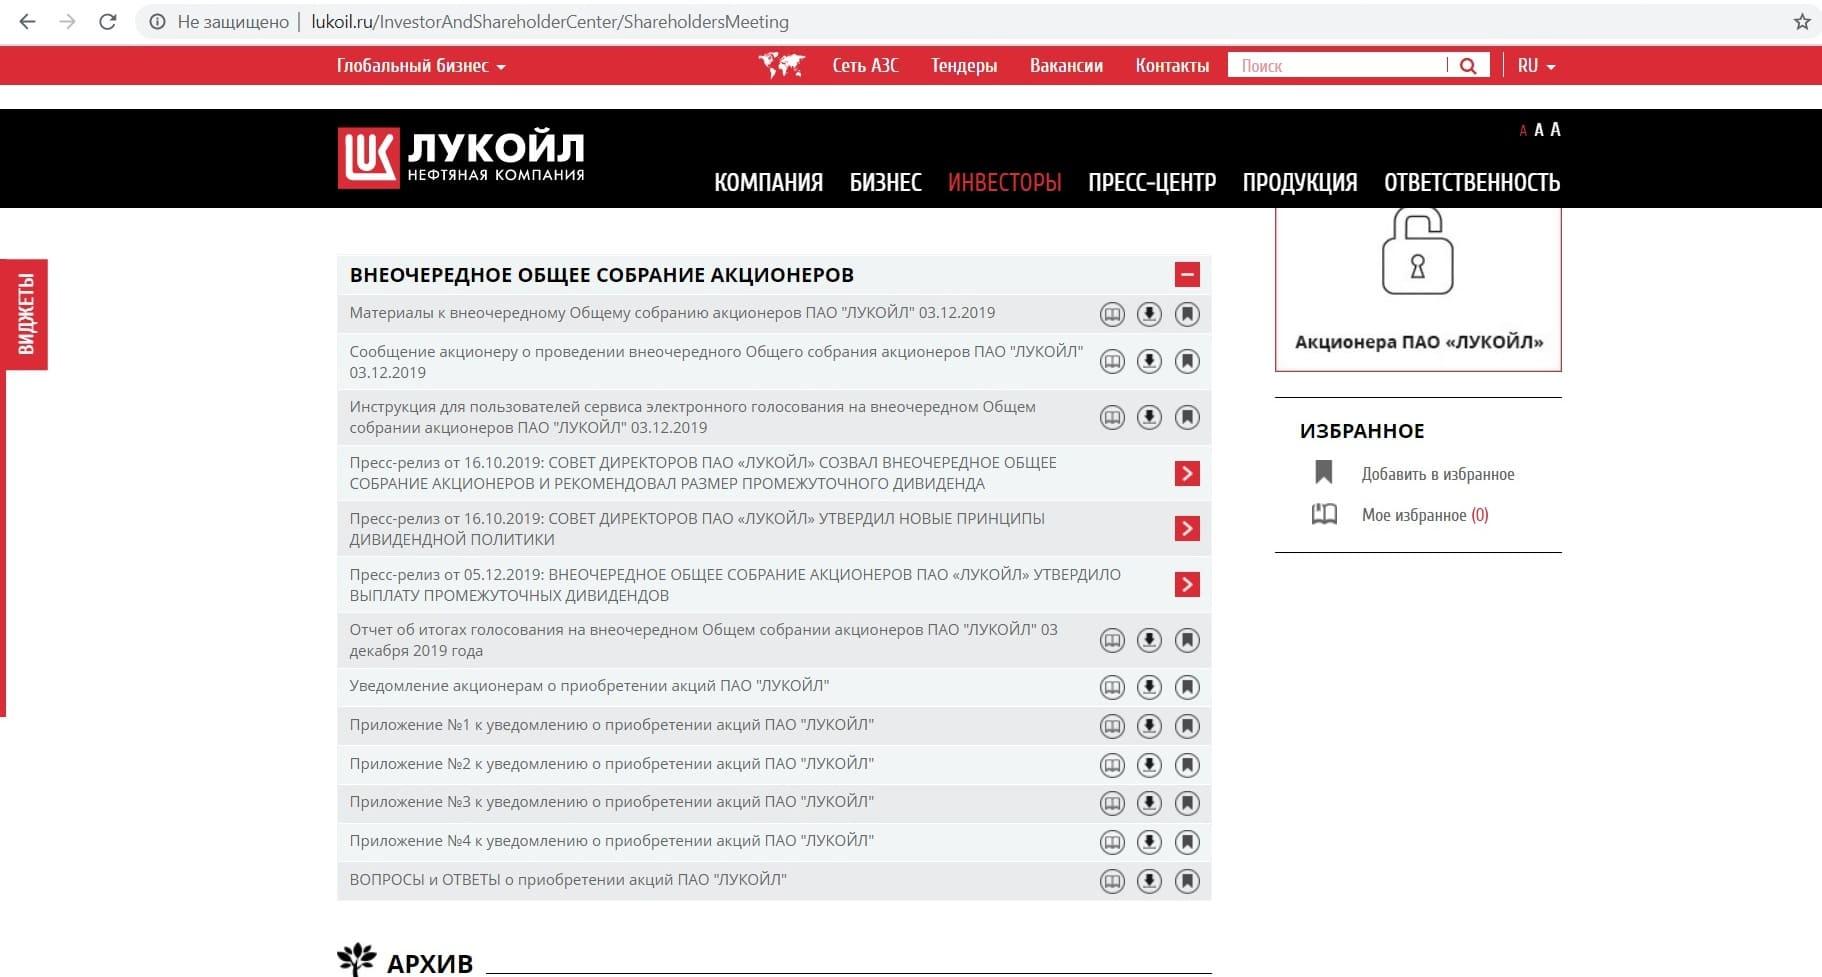 Рис. 1. Информация об ОСА на сайте компании «ЛУКОЙЛ»